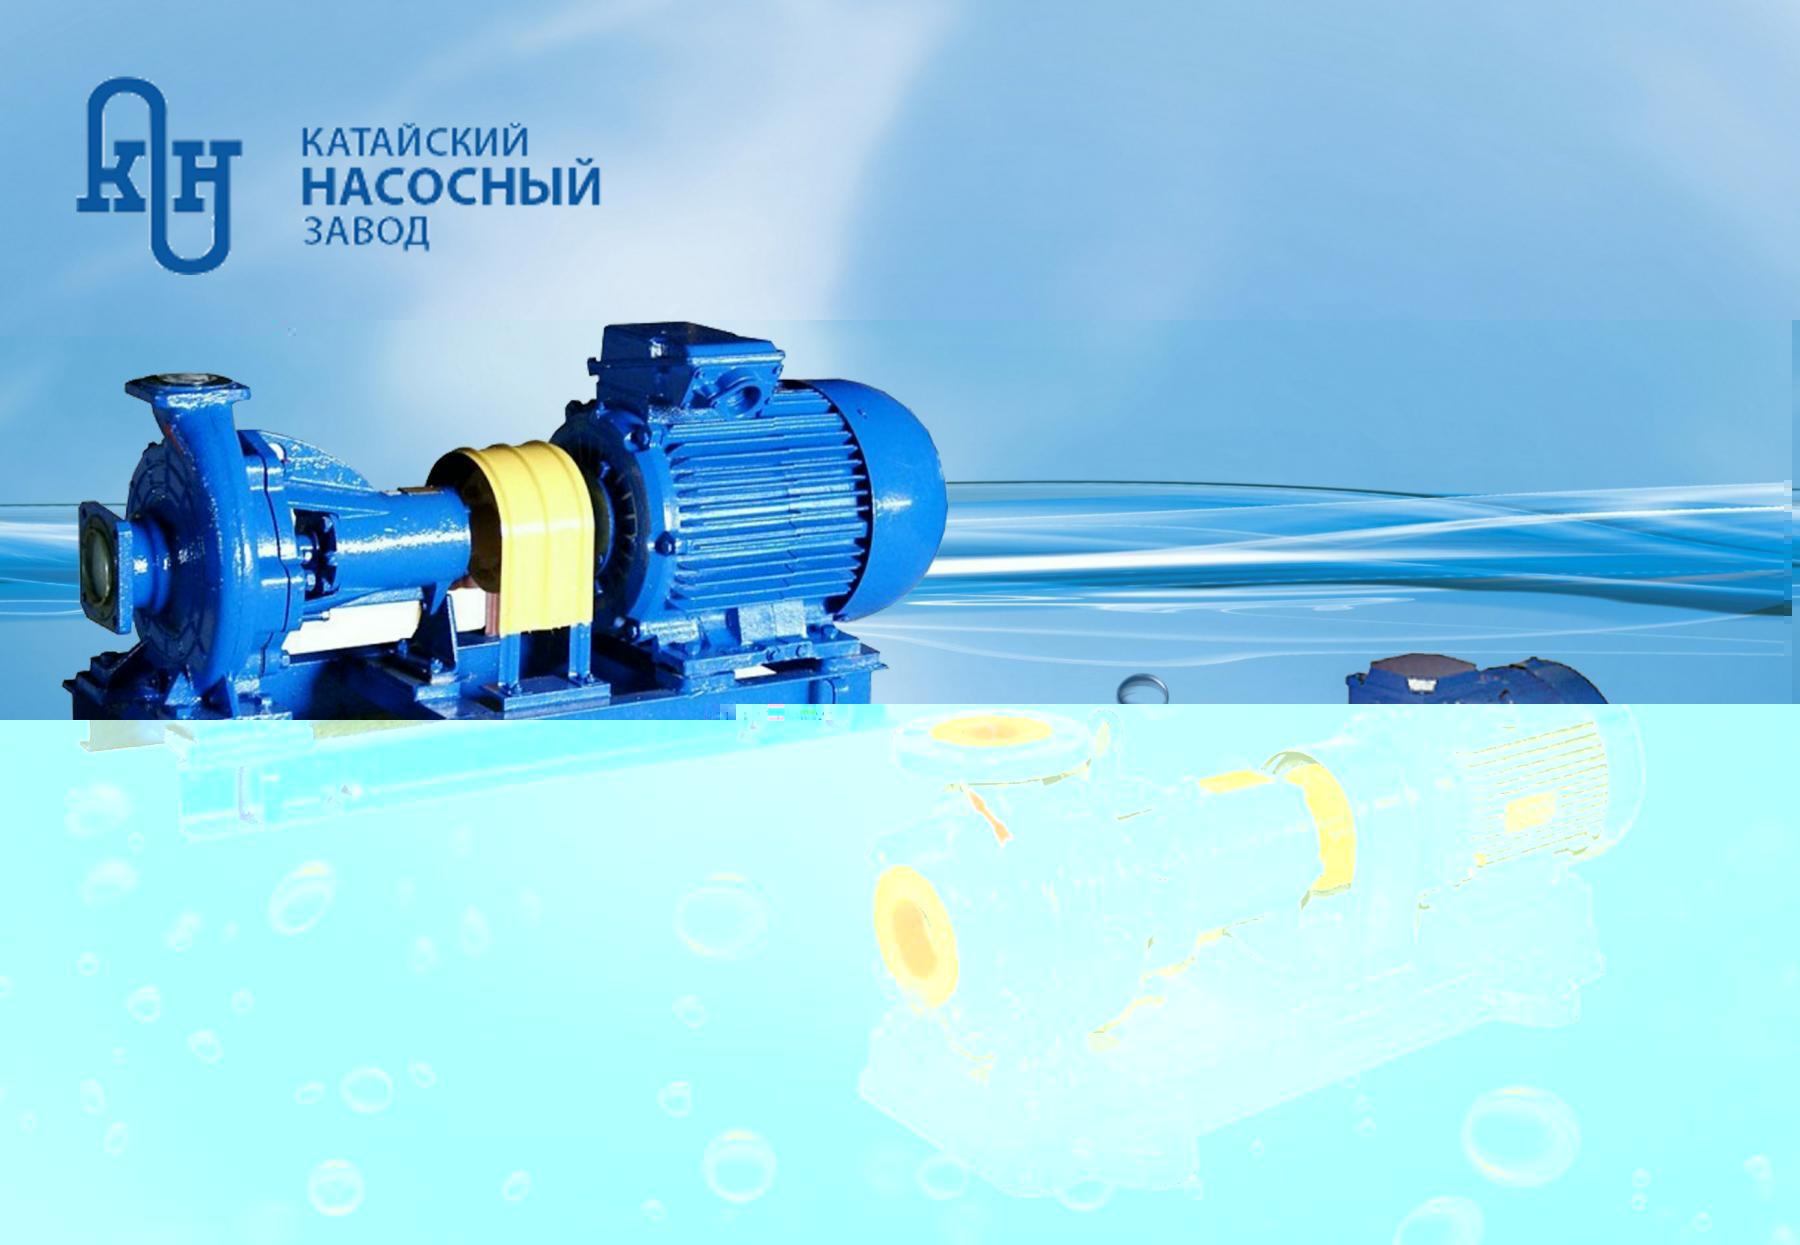 Предлагаем качественные консольные и фекальные насосы Катайского насосного завода из наличия по привлекательным ценам.